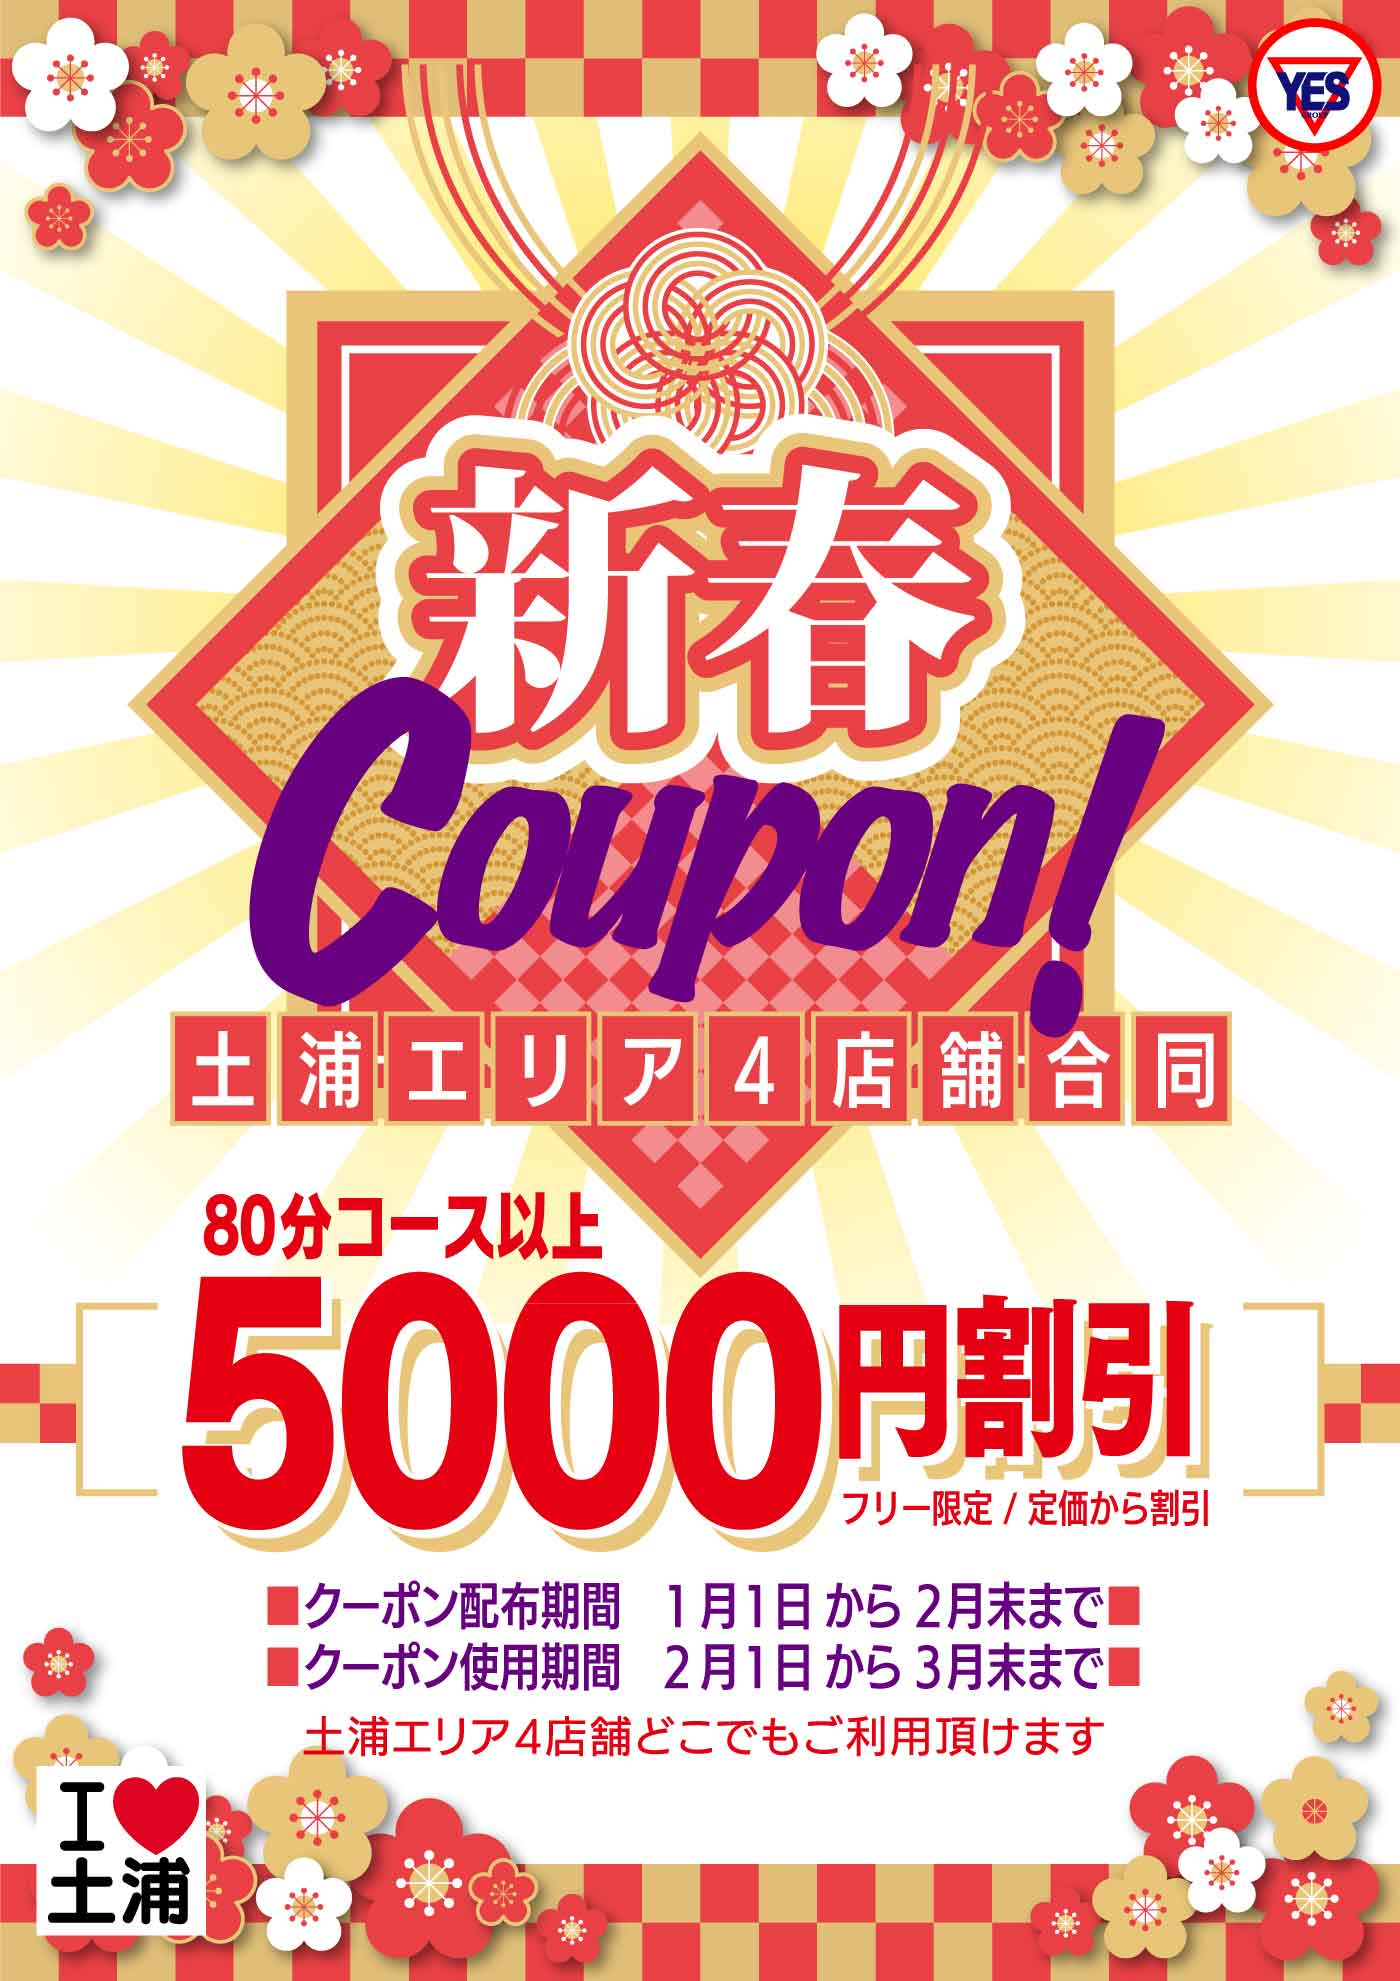 ☆超お得!!新春お年玉☆5,000円クーポン進呈